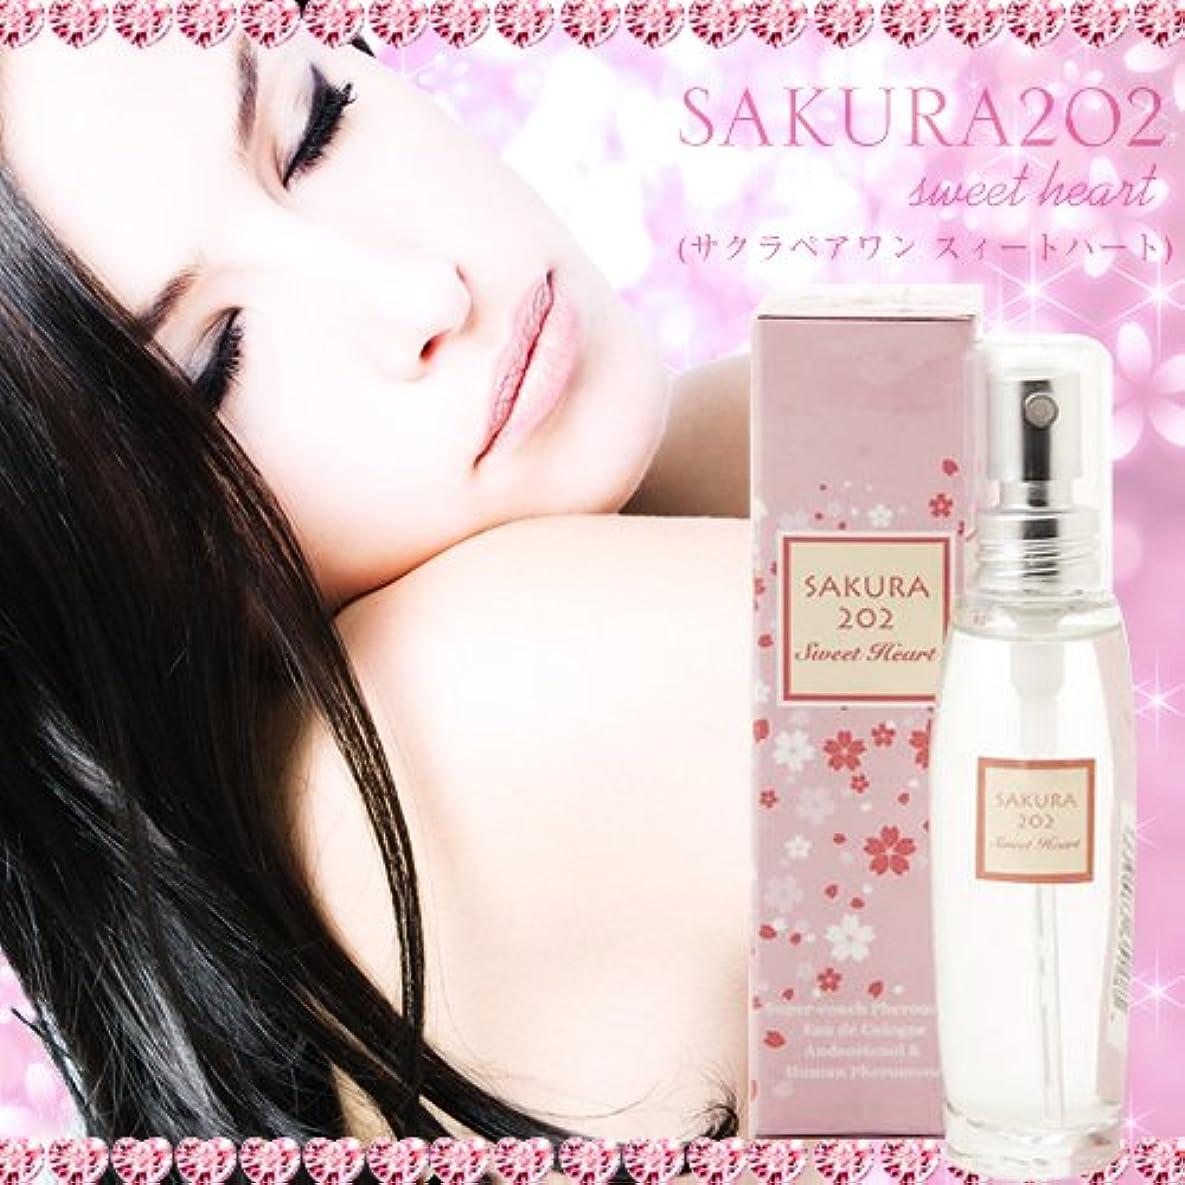 スナック正確さ主人女性用フェロモン香水【サクラ202 スウィートハート 】